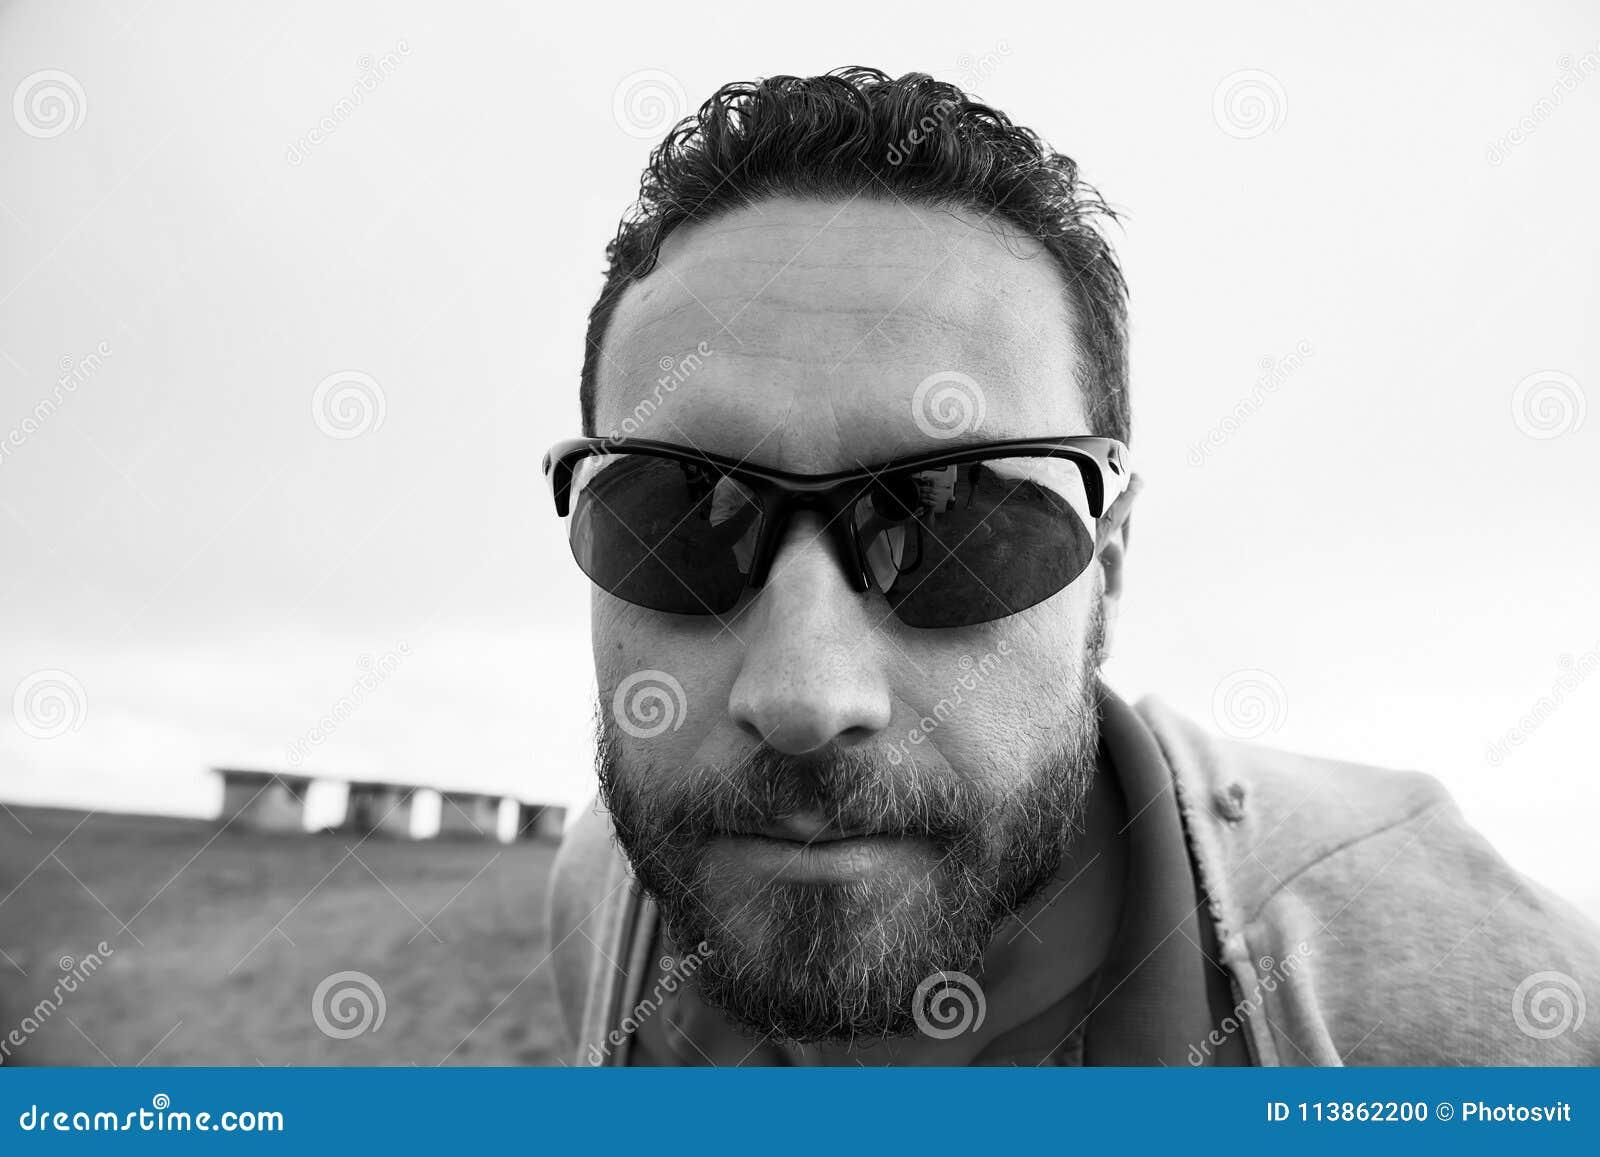 Uomo RasatoLa In Baffi Non Il Con Fronte Barba Da Ed I Occhiali cjSL4A35Rq